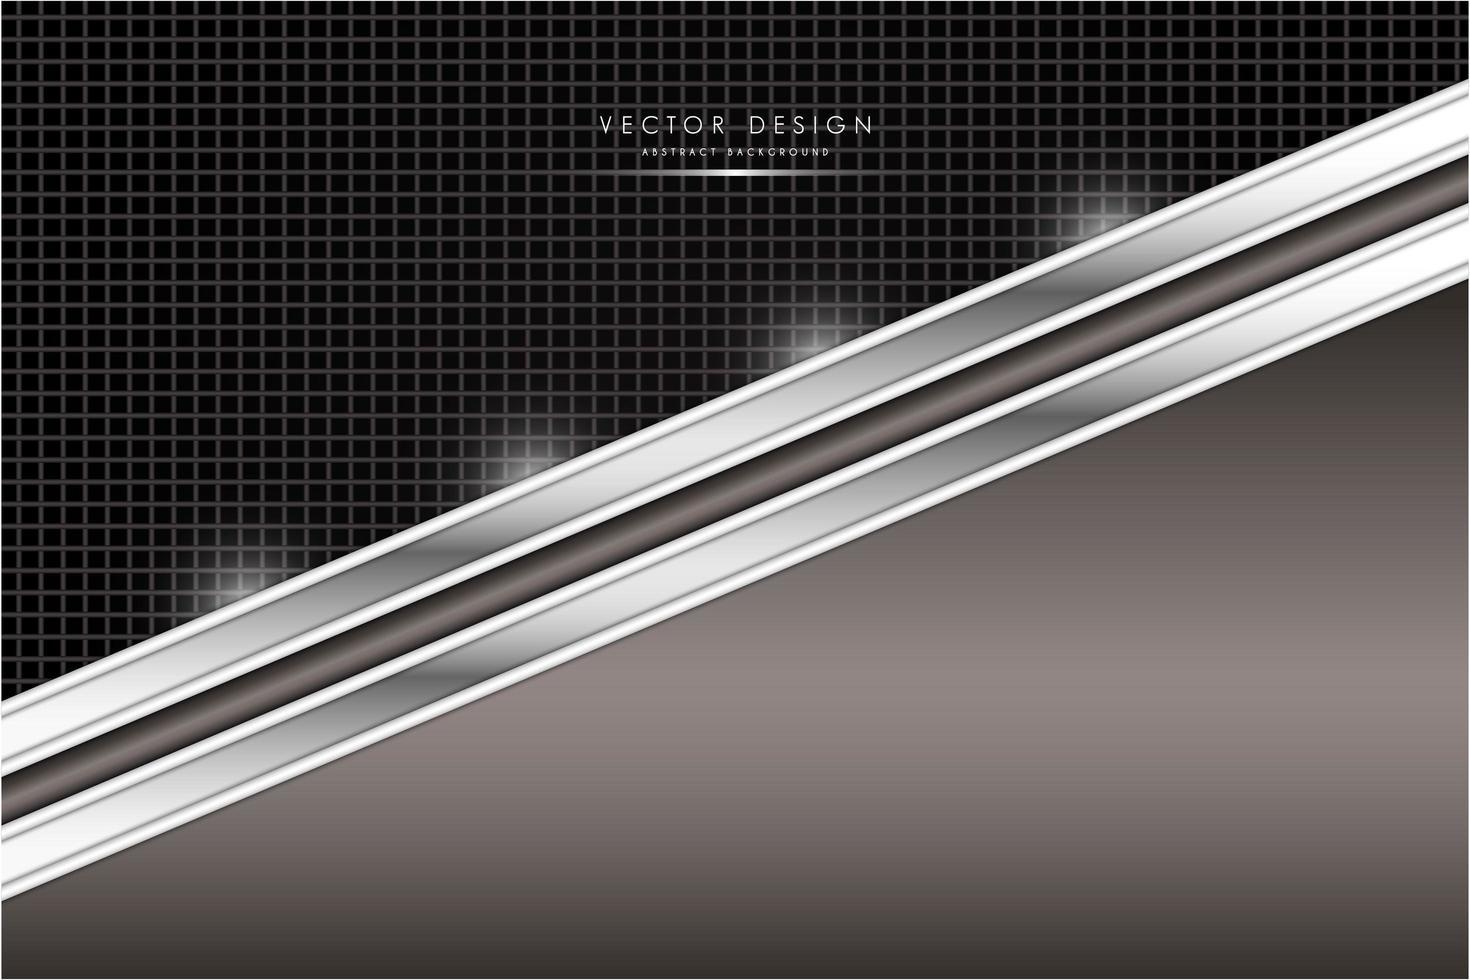 Metal marrón y plateado con textura de fibra de carbono. vector